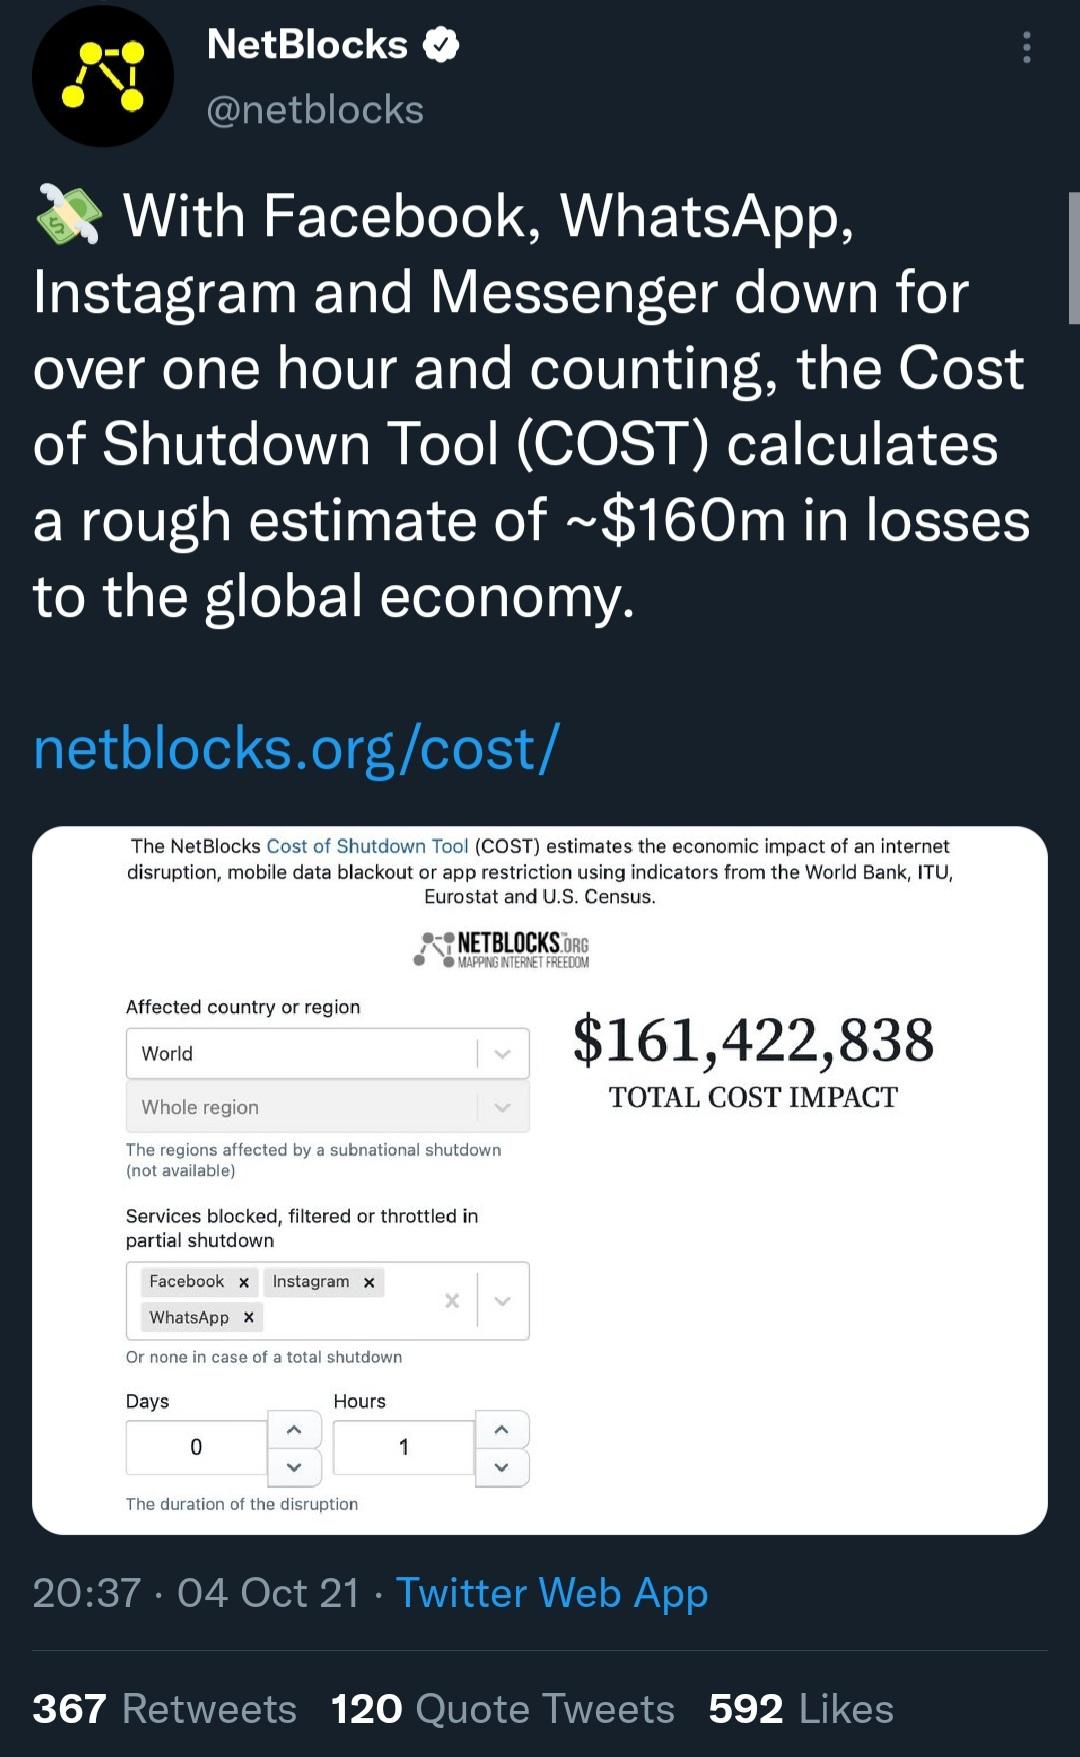 توییت رسمی NetBlocks دربارهی اختلال